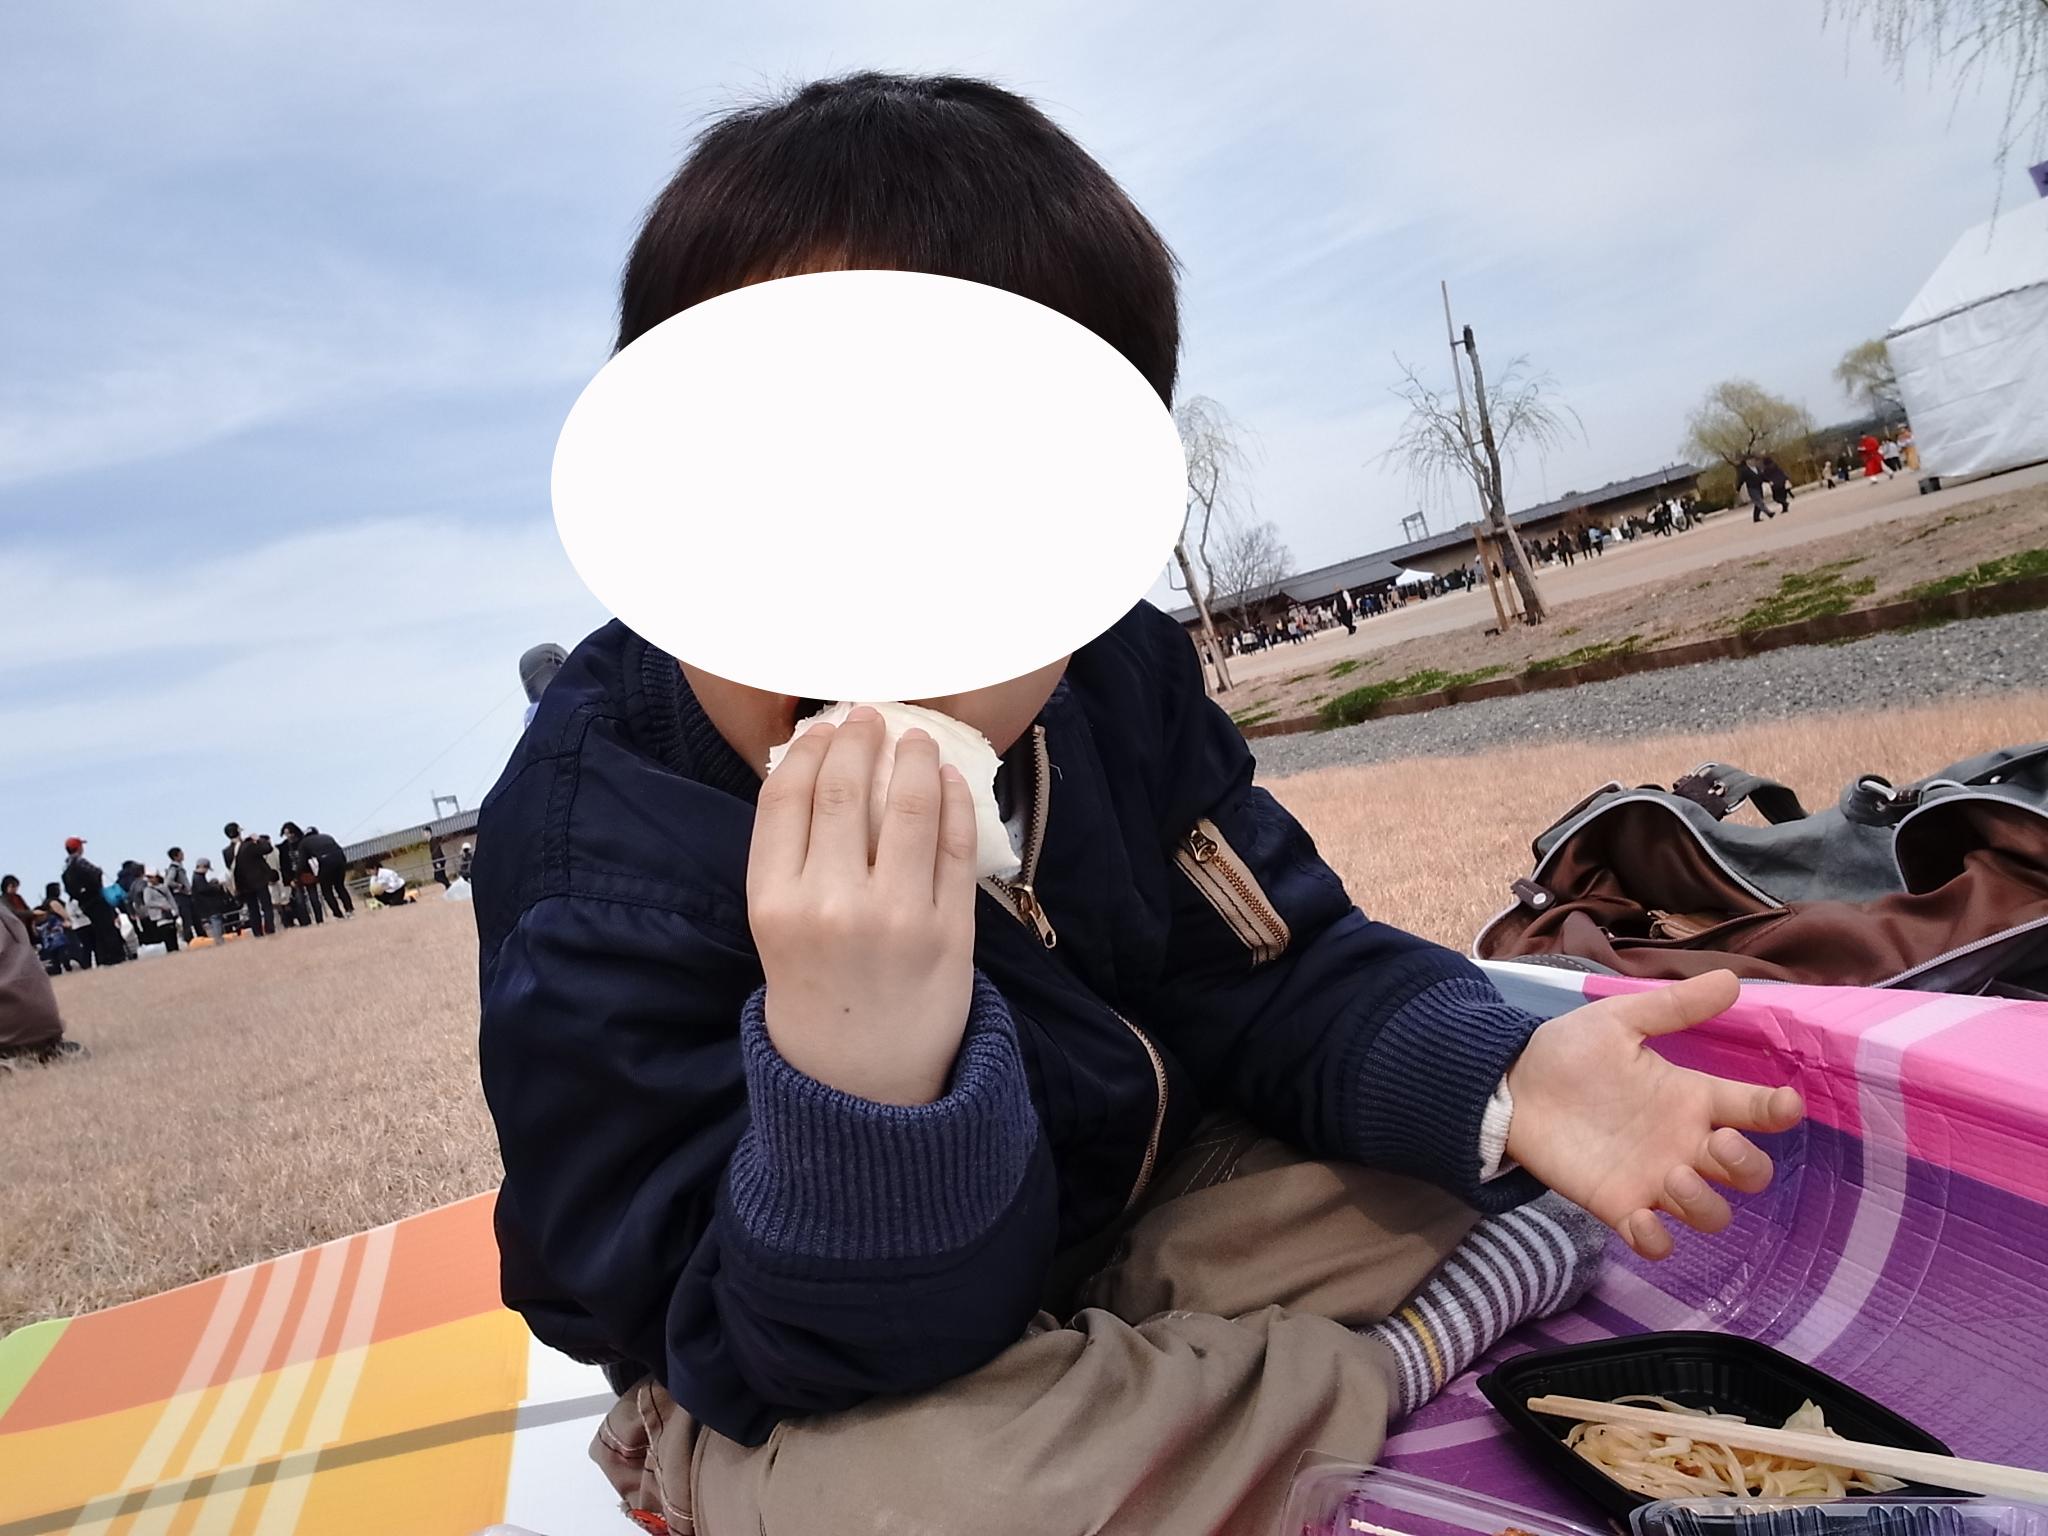 息子も美味しい、美味しいとモリモリ食べてました。